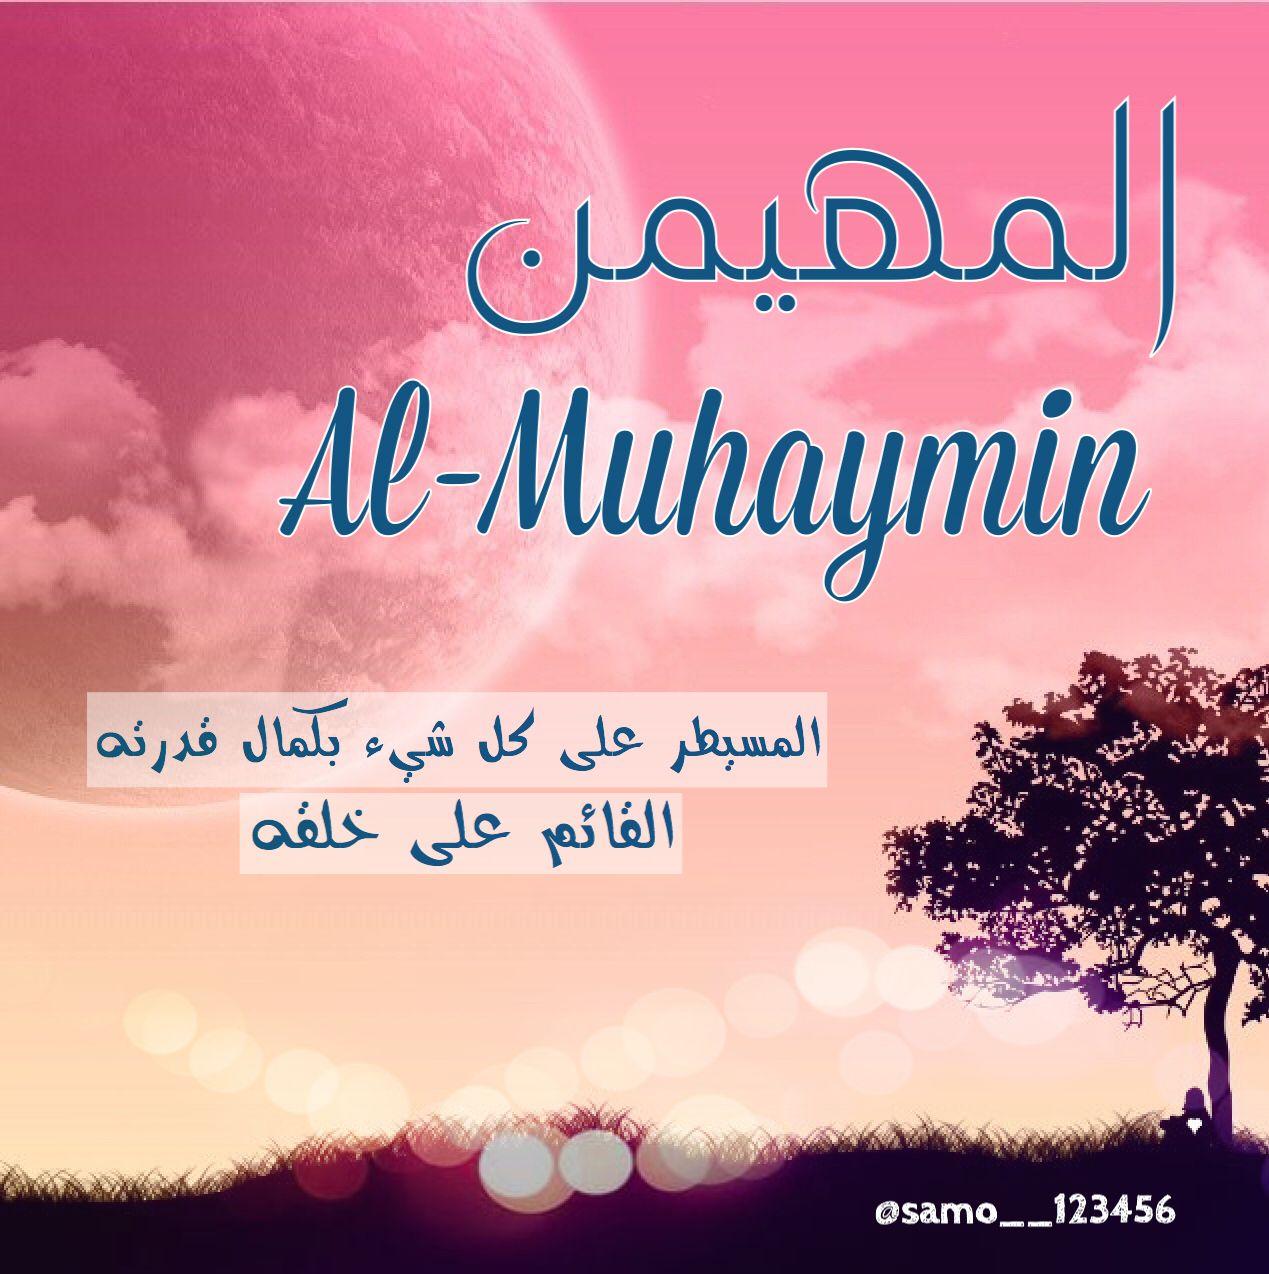 معاني اسماء الله الحسنى Islamic Quotes Beautiful Names Of Allah Allah